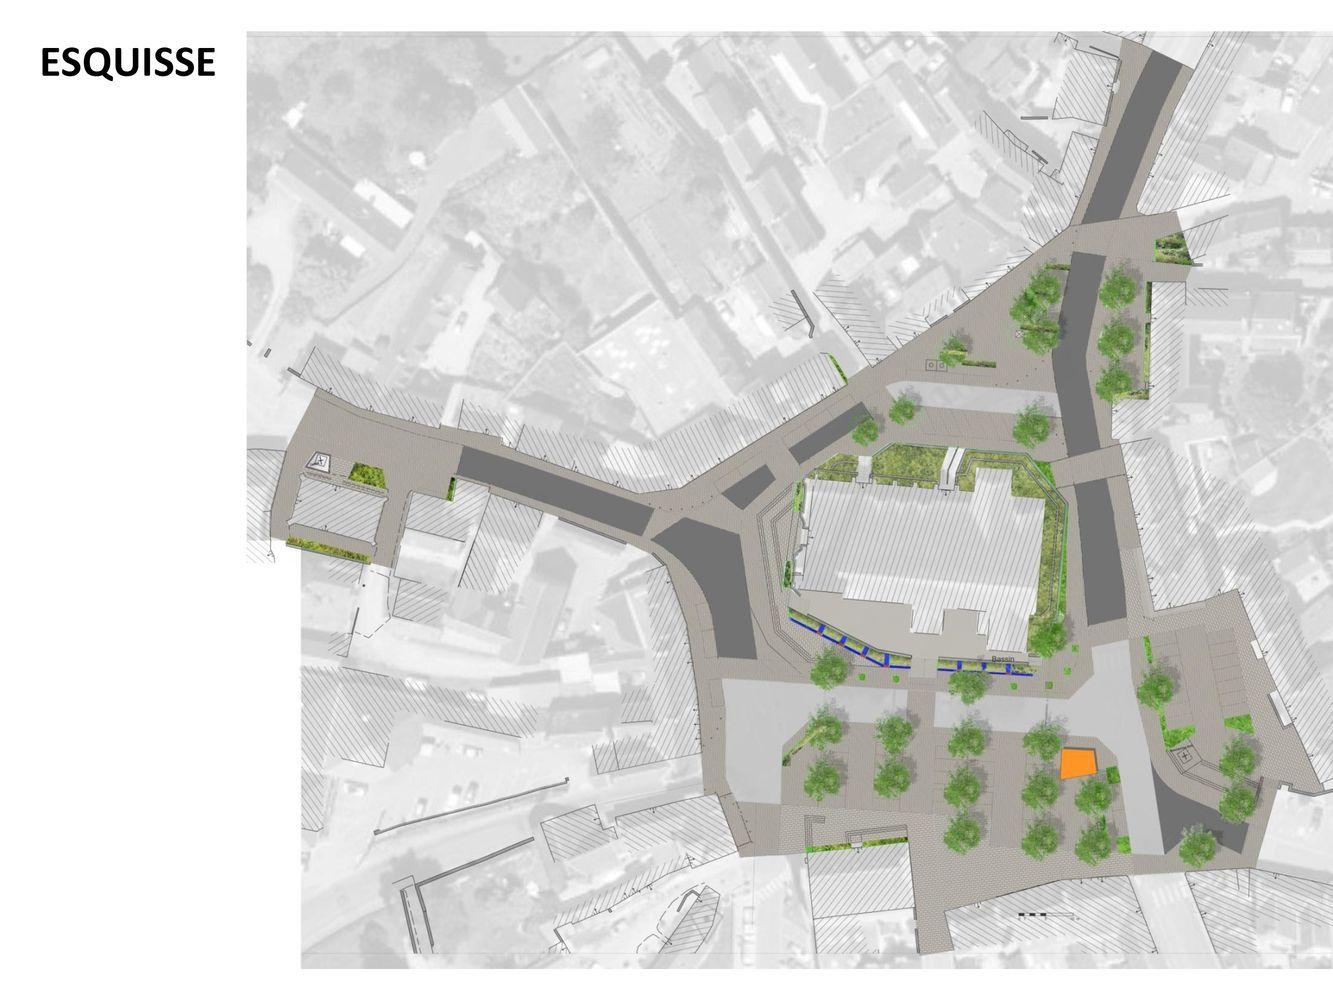 Atelier INEX - Esquisse centre bourg de Plouaret